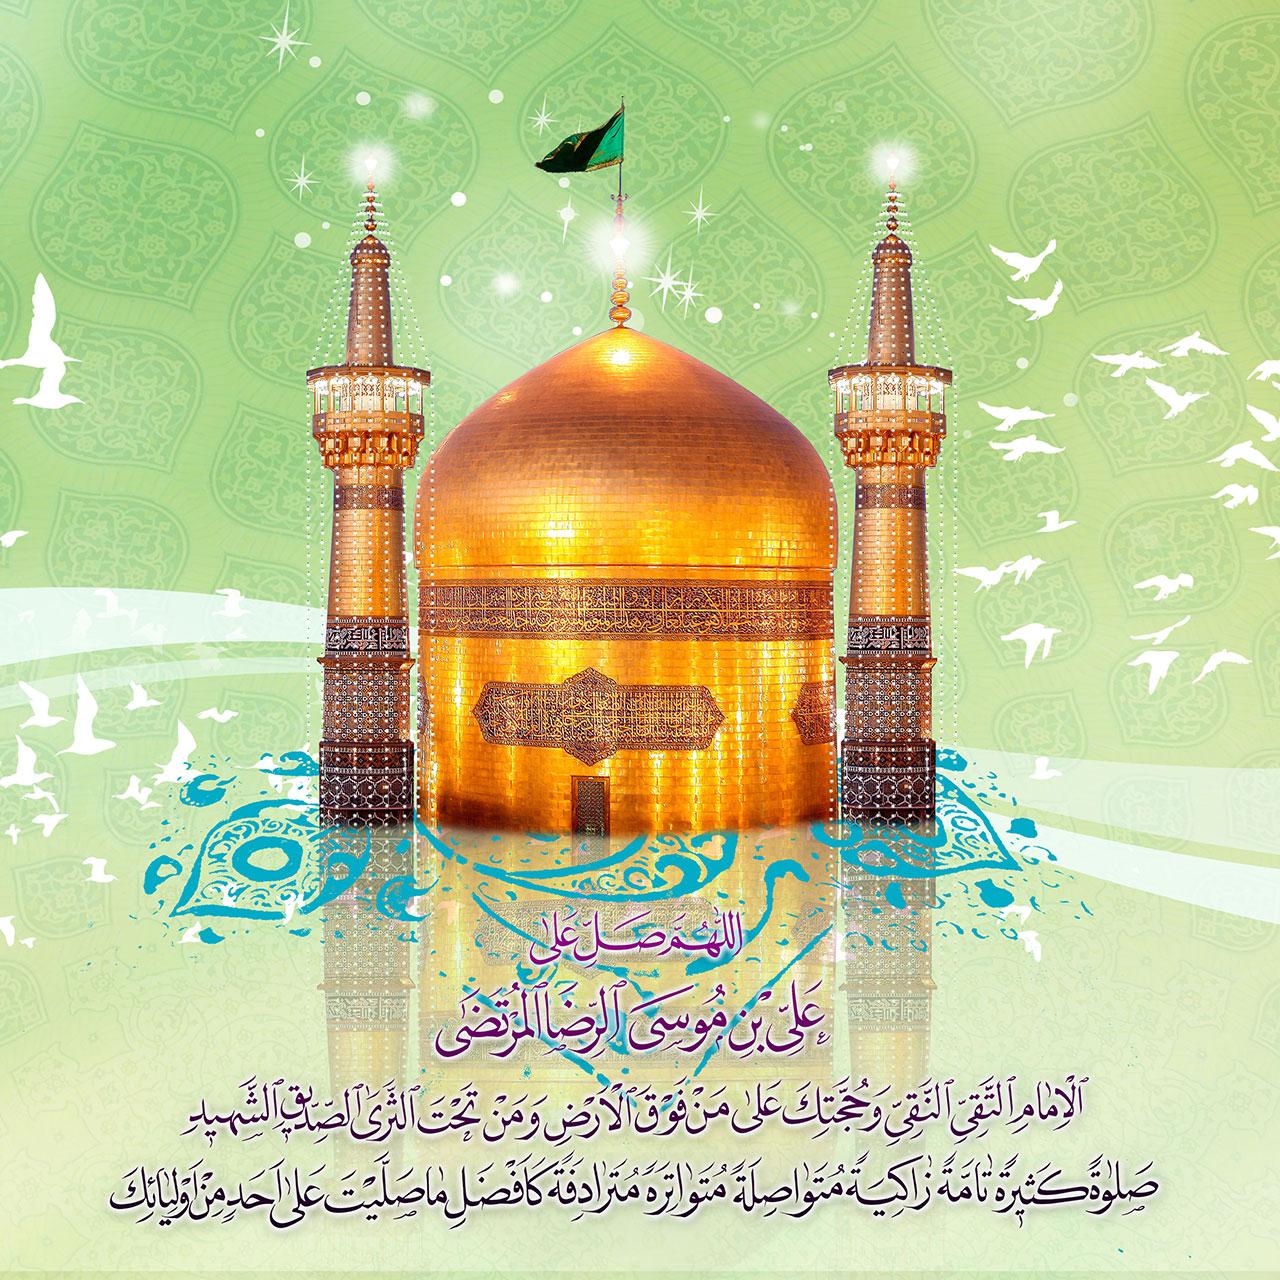 عکس پروفایل ولادت امام رضا علیه السلام